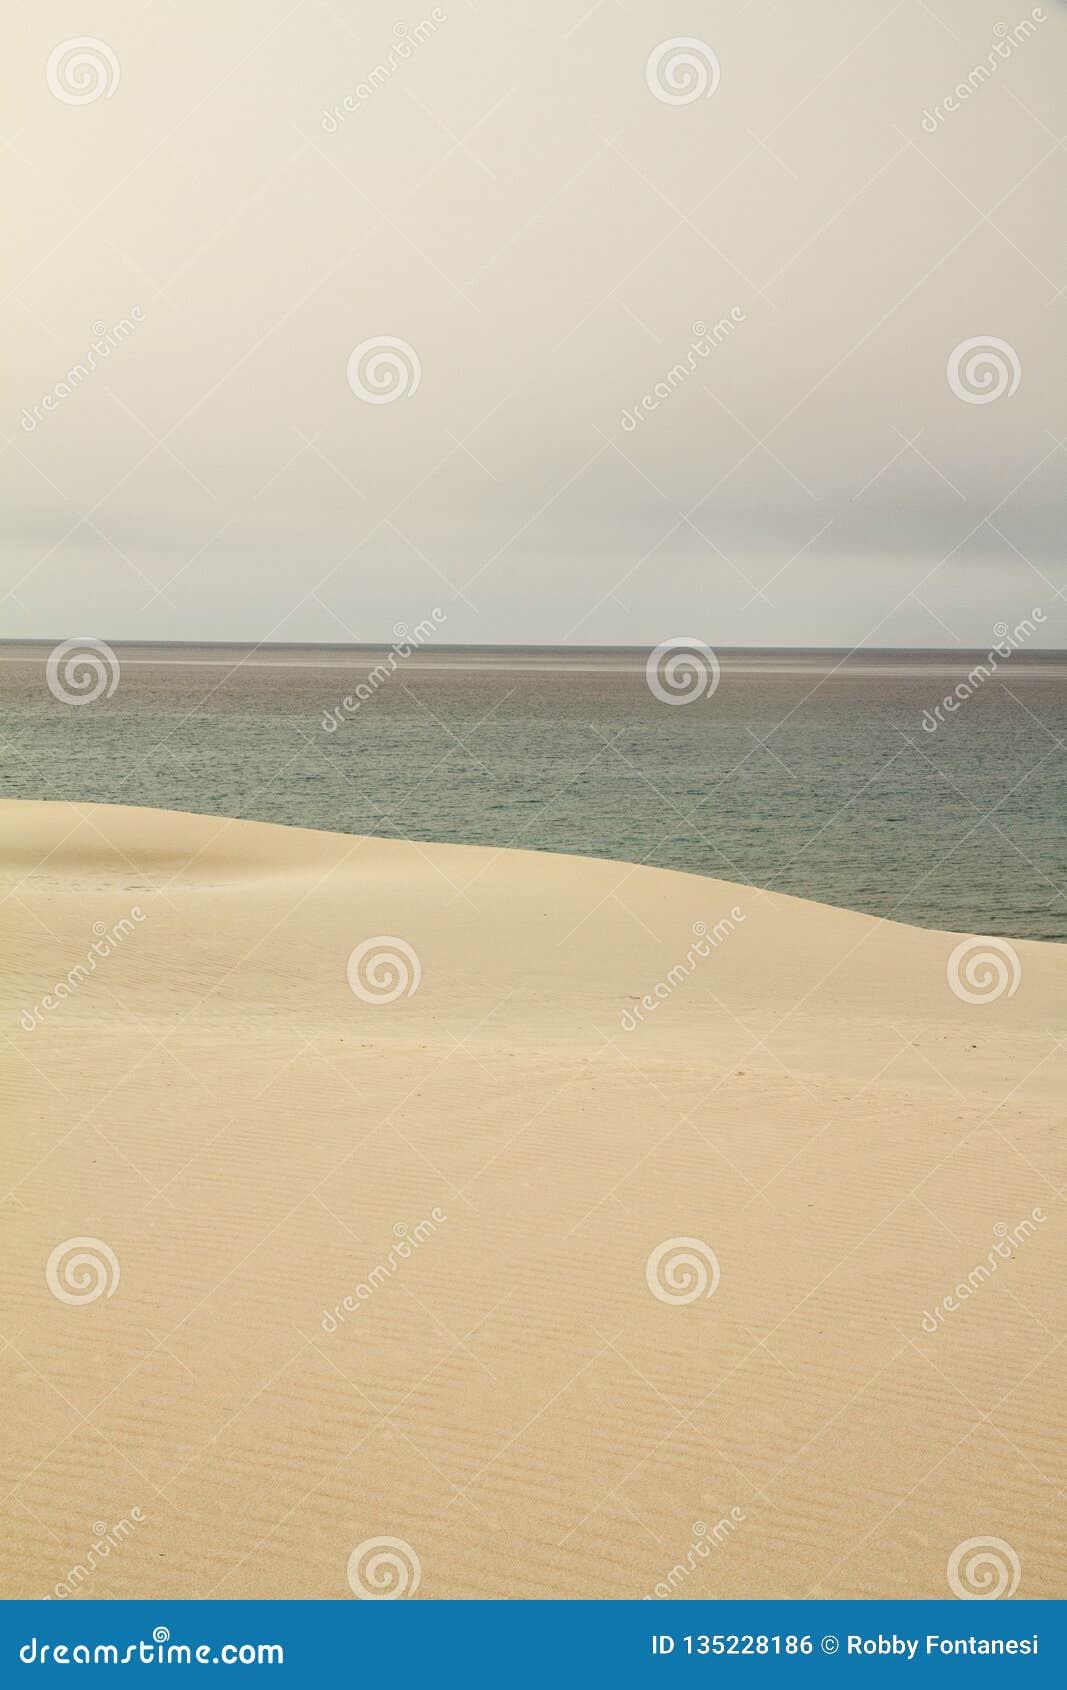 O céu cinzento quebra abruptamente no mar do inverno marcado harmoniosamente pela duna de areia amarela